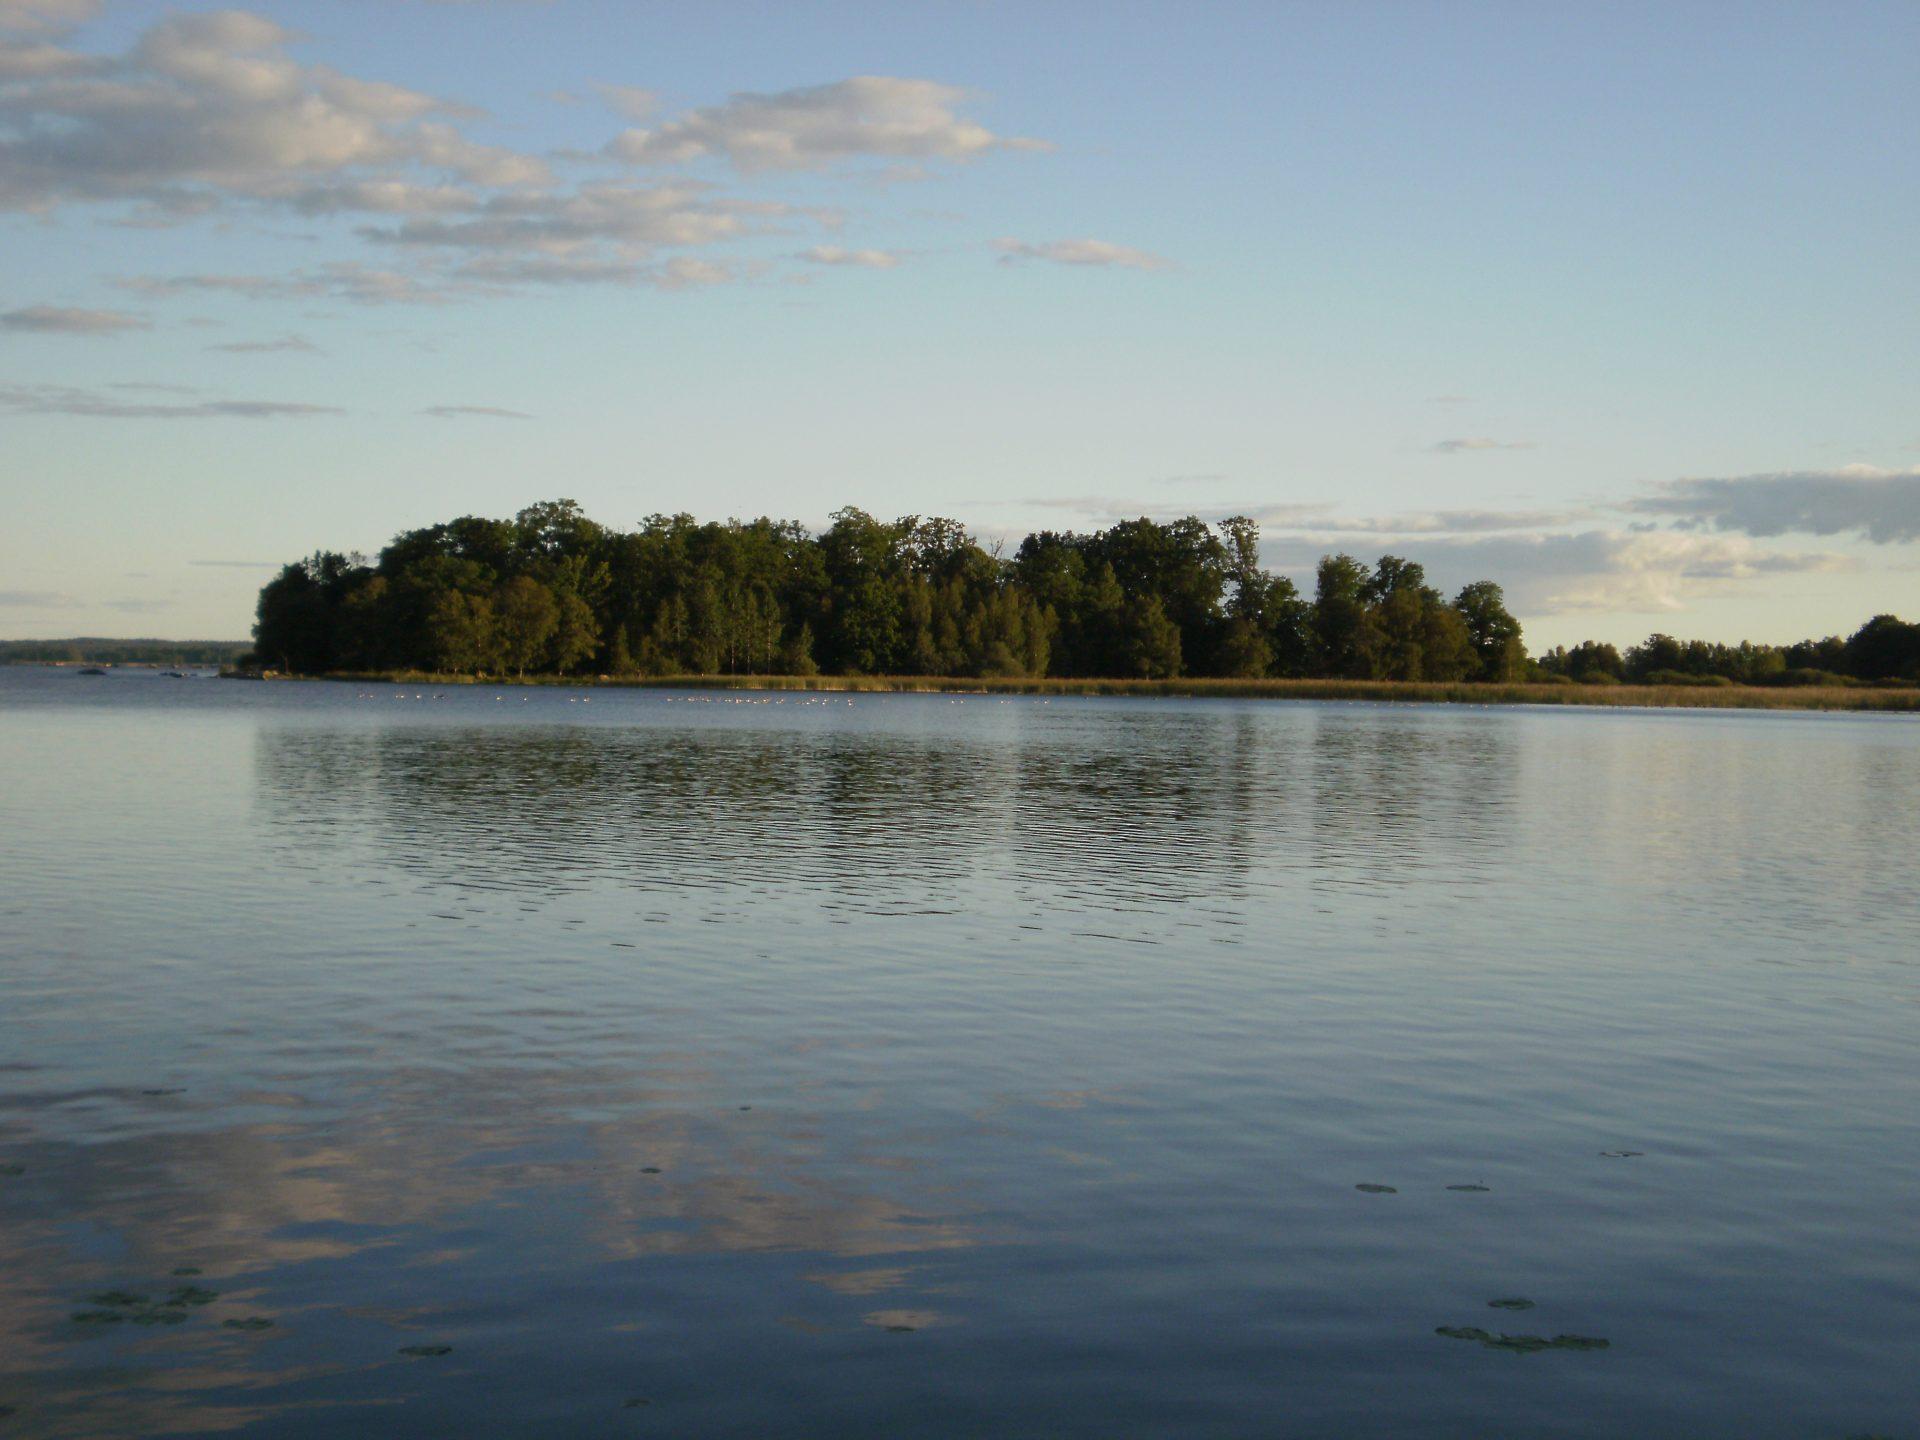 Lago sueco con árboles al fondo